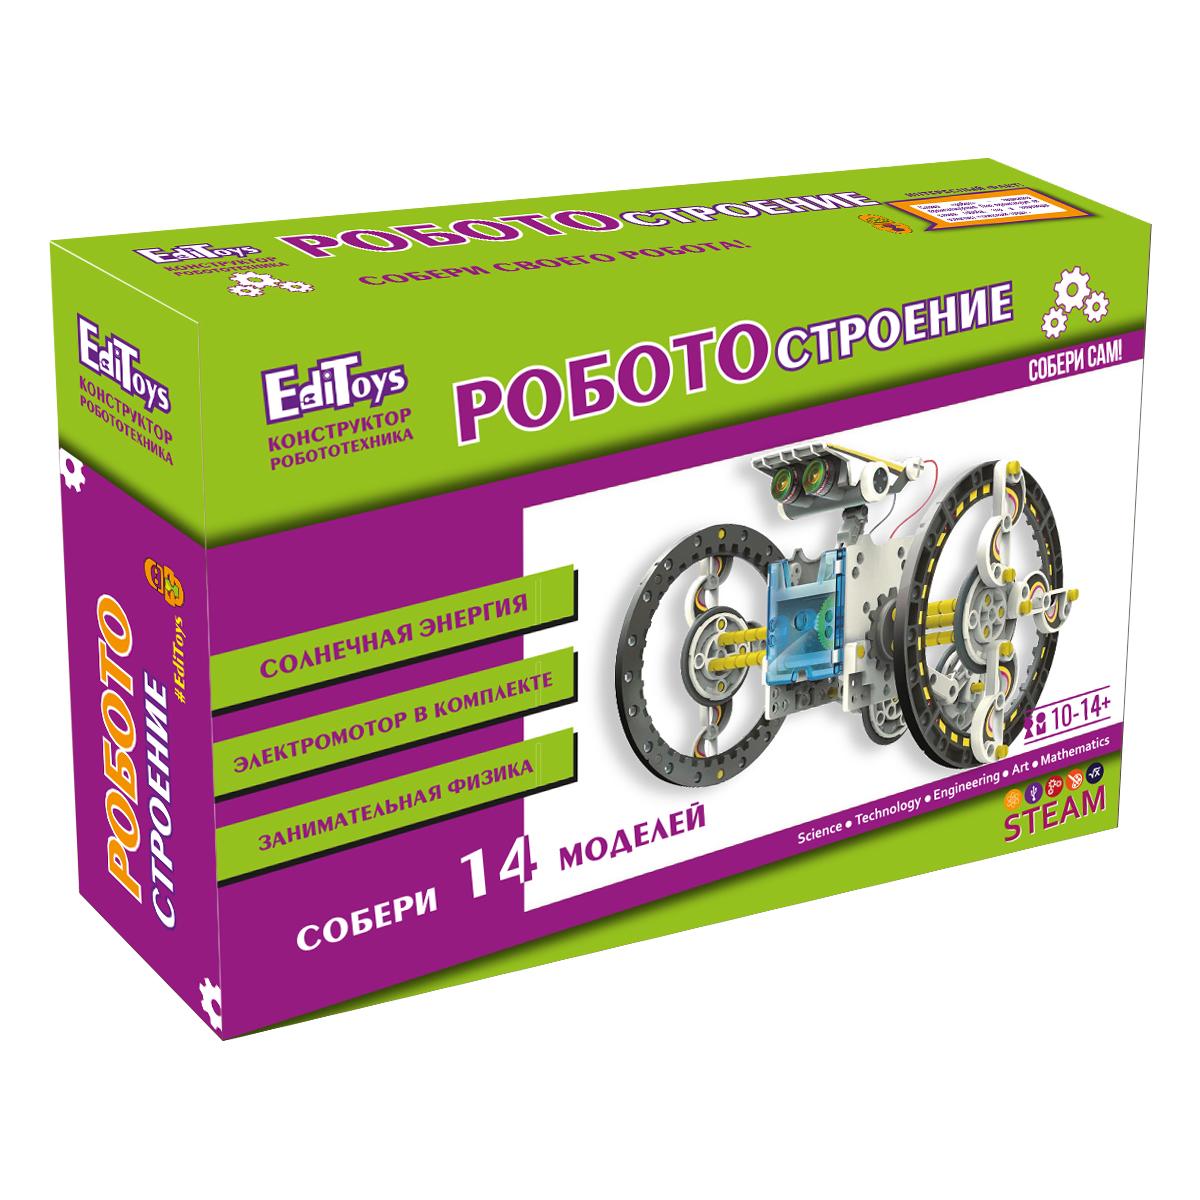 Пластиковый конструктор EdiToys ET04